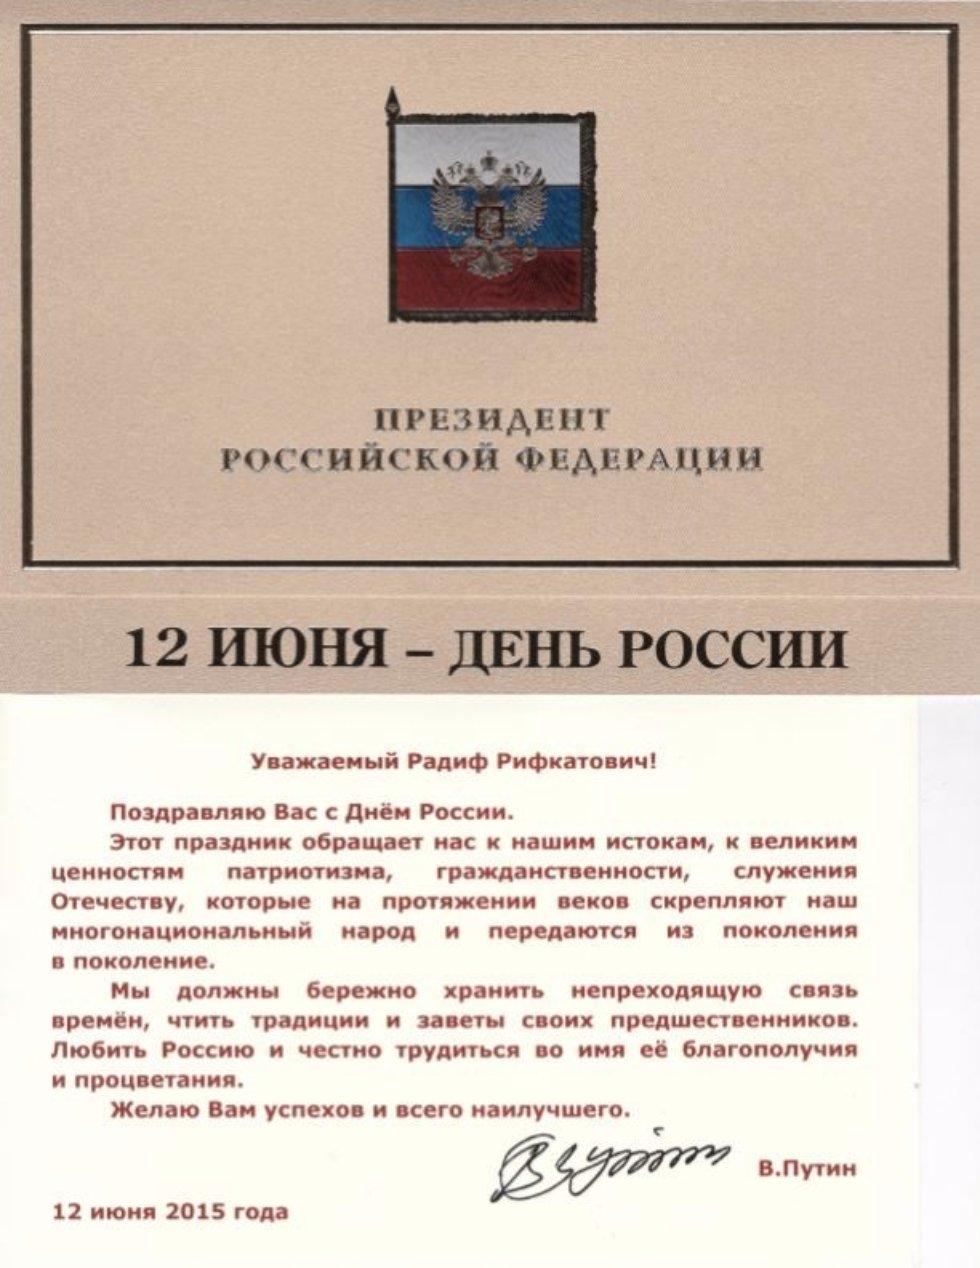 Поздравление президента российской федерации с днем рождения фото 955